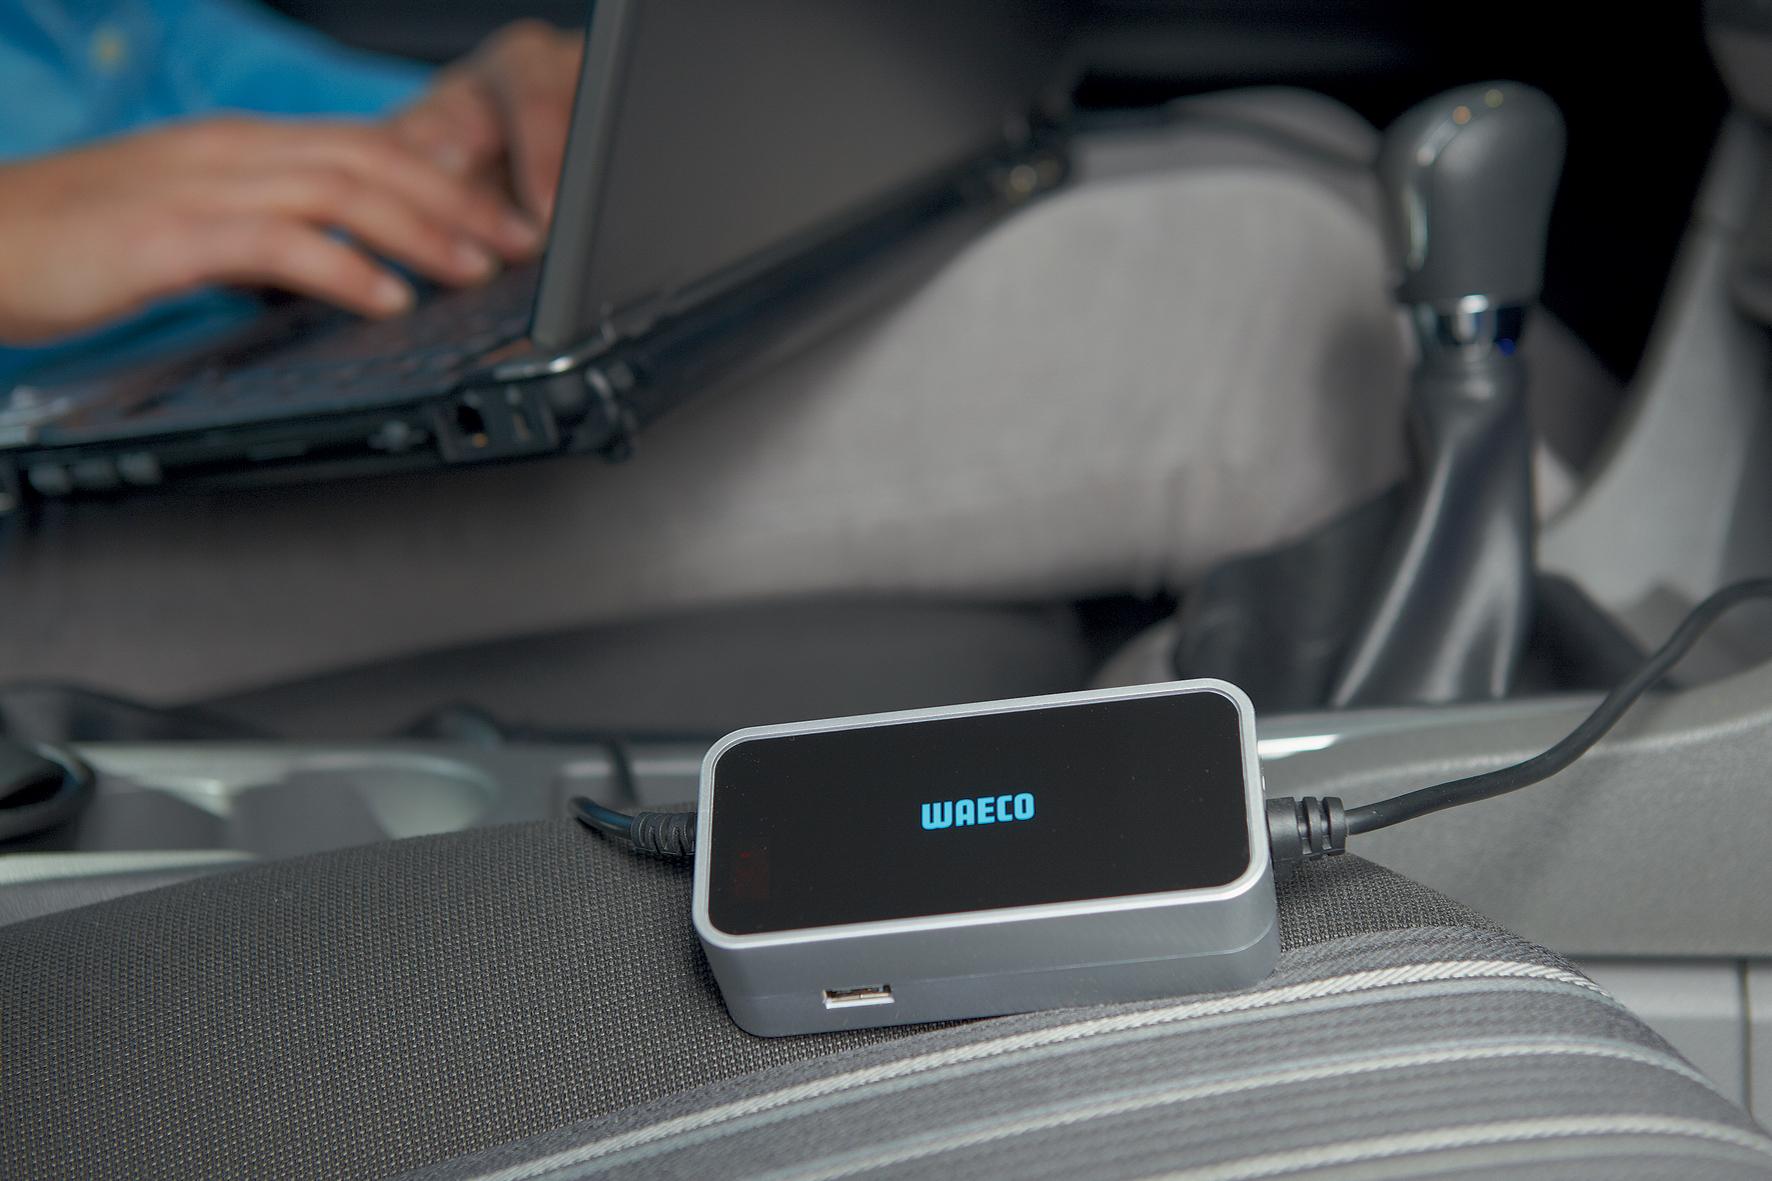 mid Düsseldorf - Praktisches Ladegerät für unterwegs: Der Pocket Power Laptop Charger von Waeco frischt die Akkus mobiler Endgeräte über die 12-Volt-Buchse im Auto oder Wohnmobil auf.